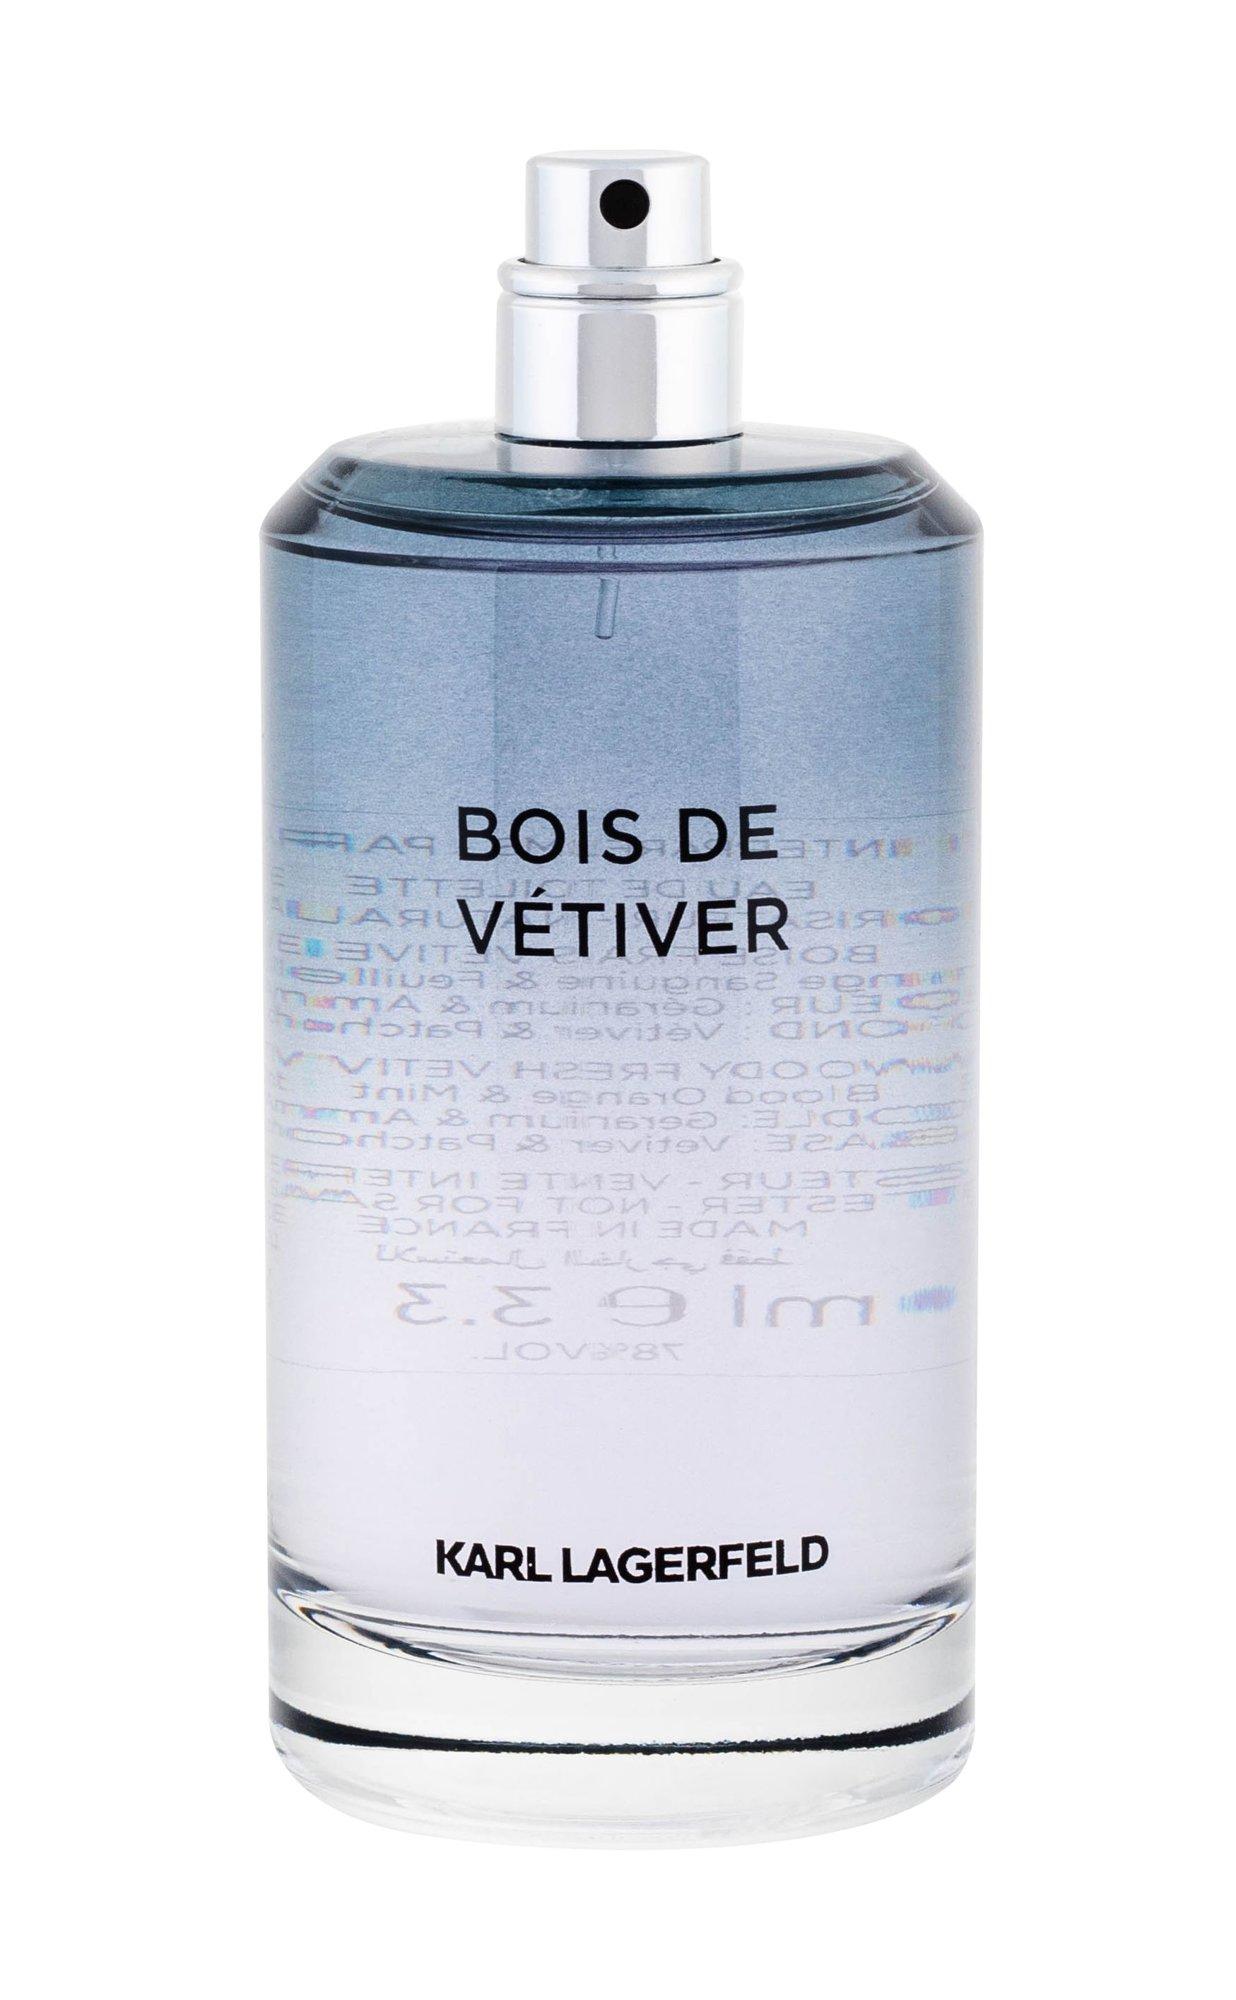 Karl Lagerfeld Les Parfums Matieres Eau de Toilette 100ml  Bois De Vétiver